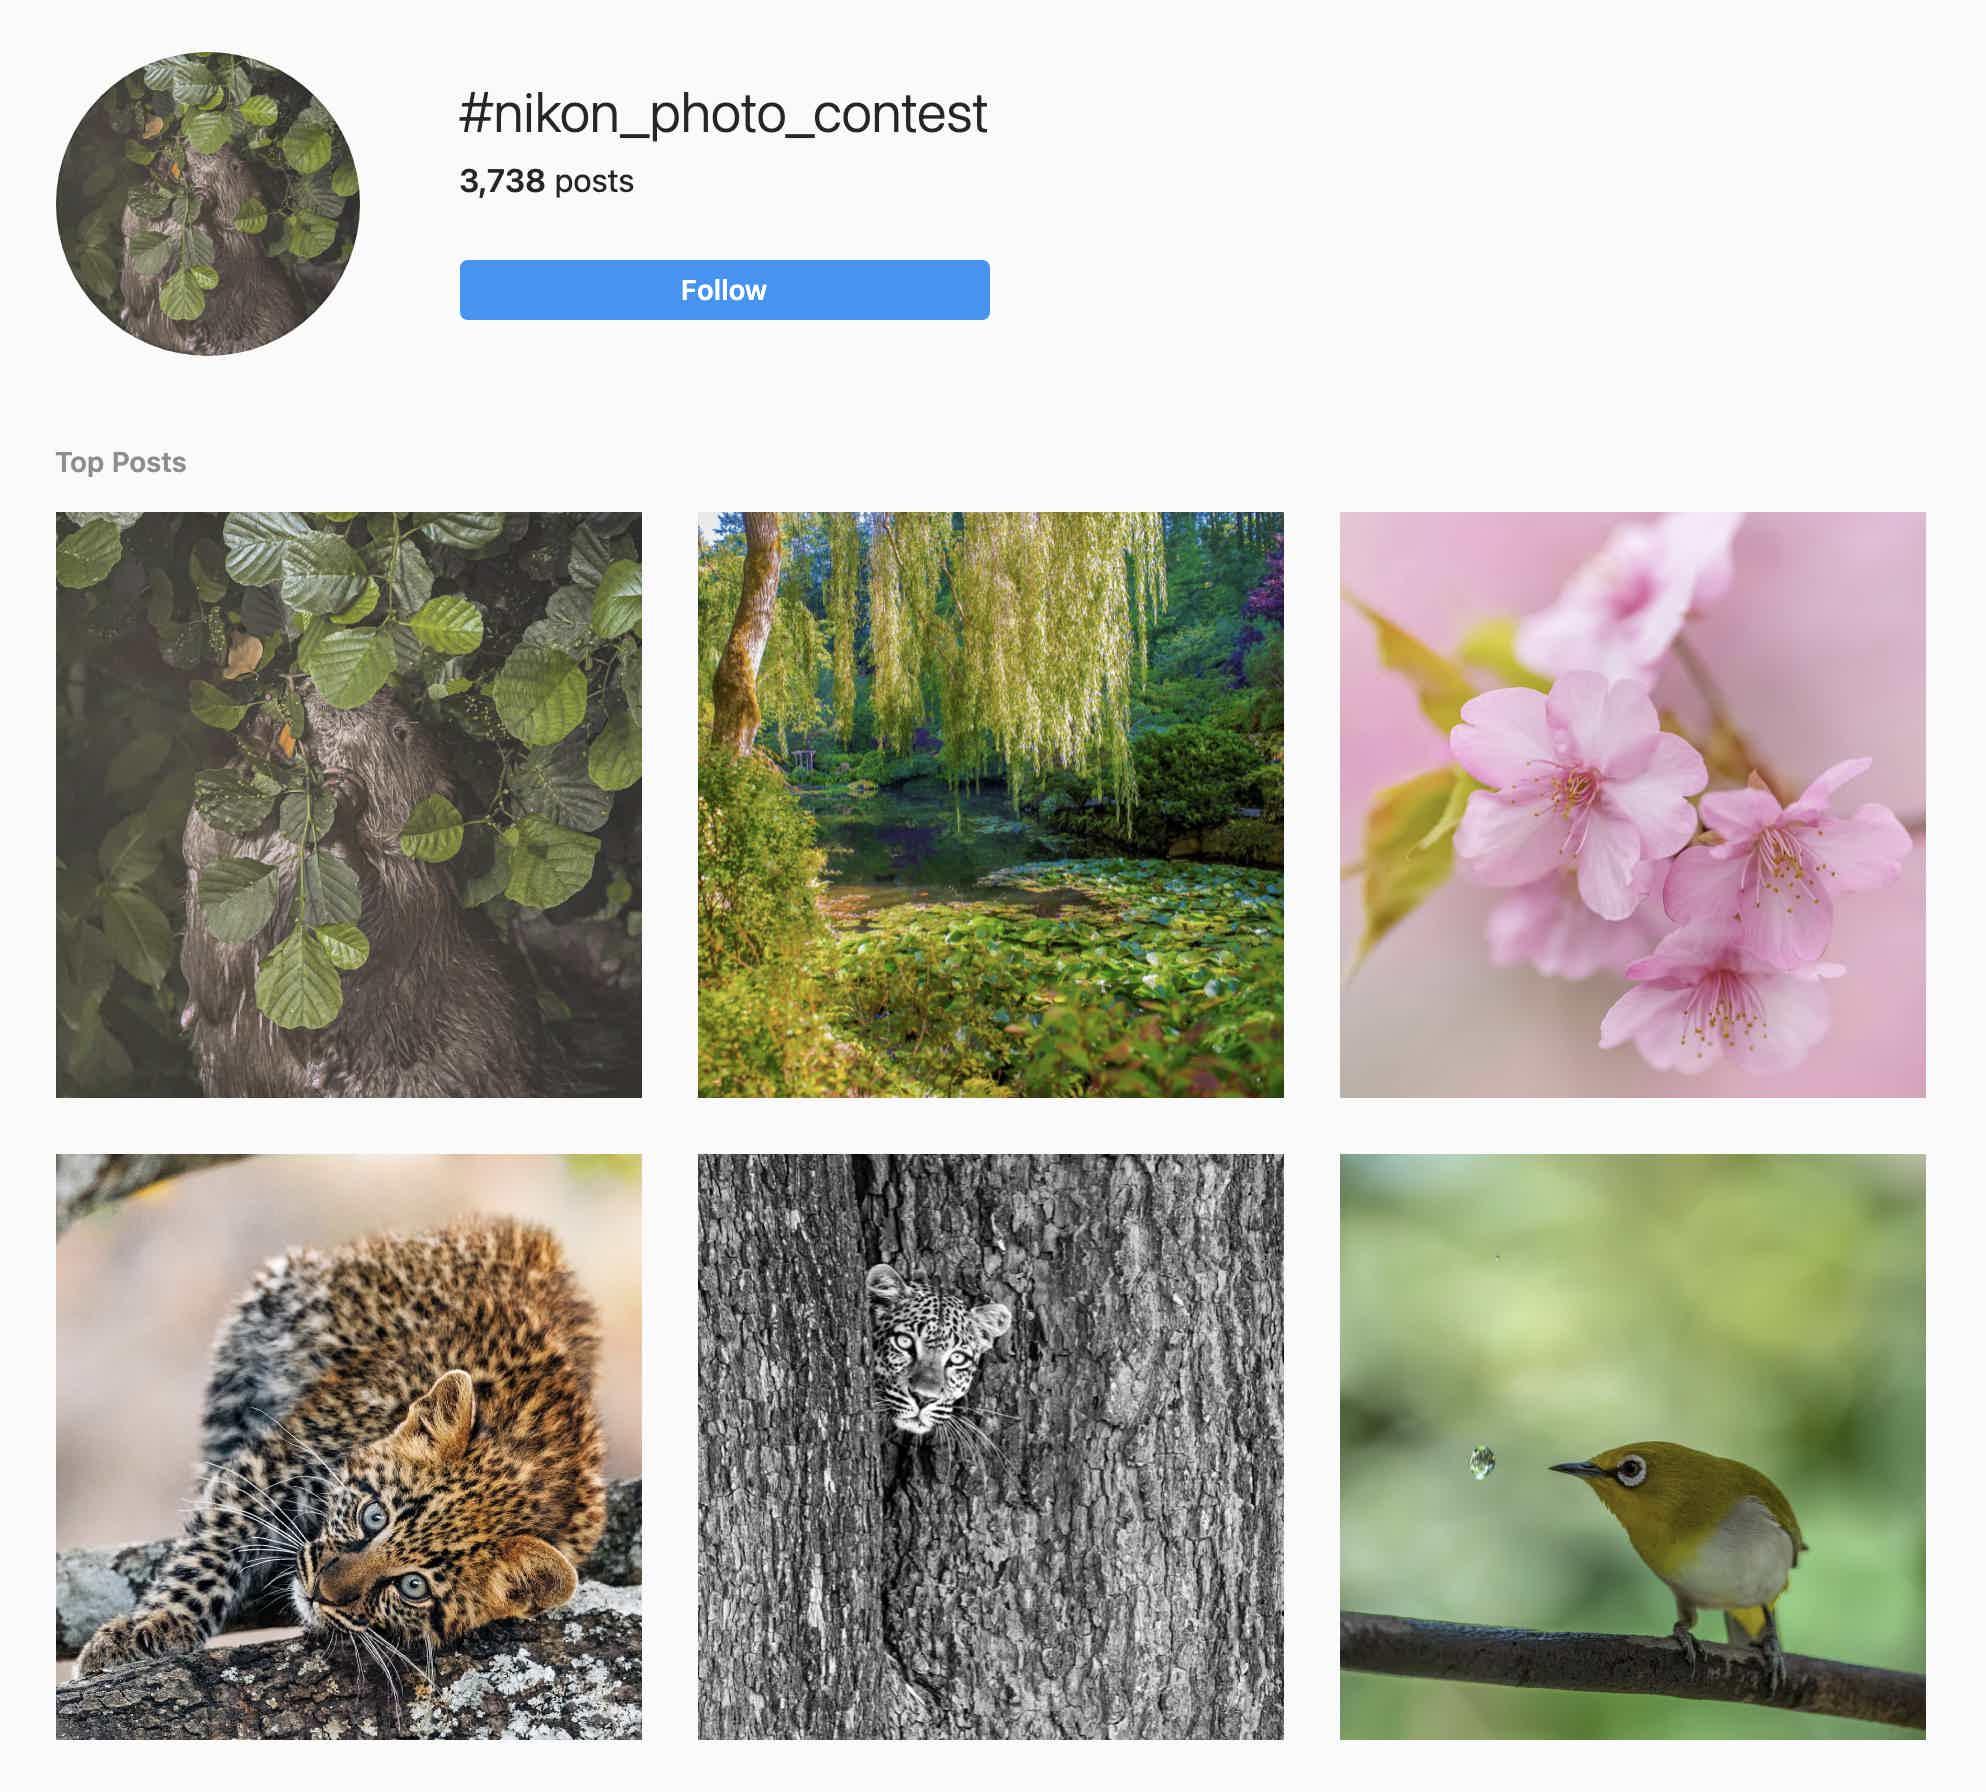 Nikon Photo Contest Hashtag Instagram